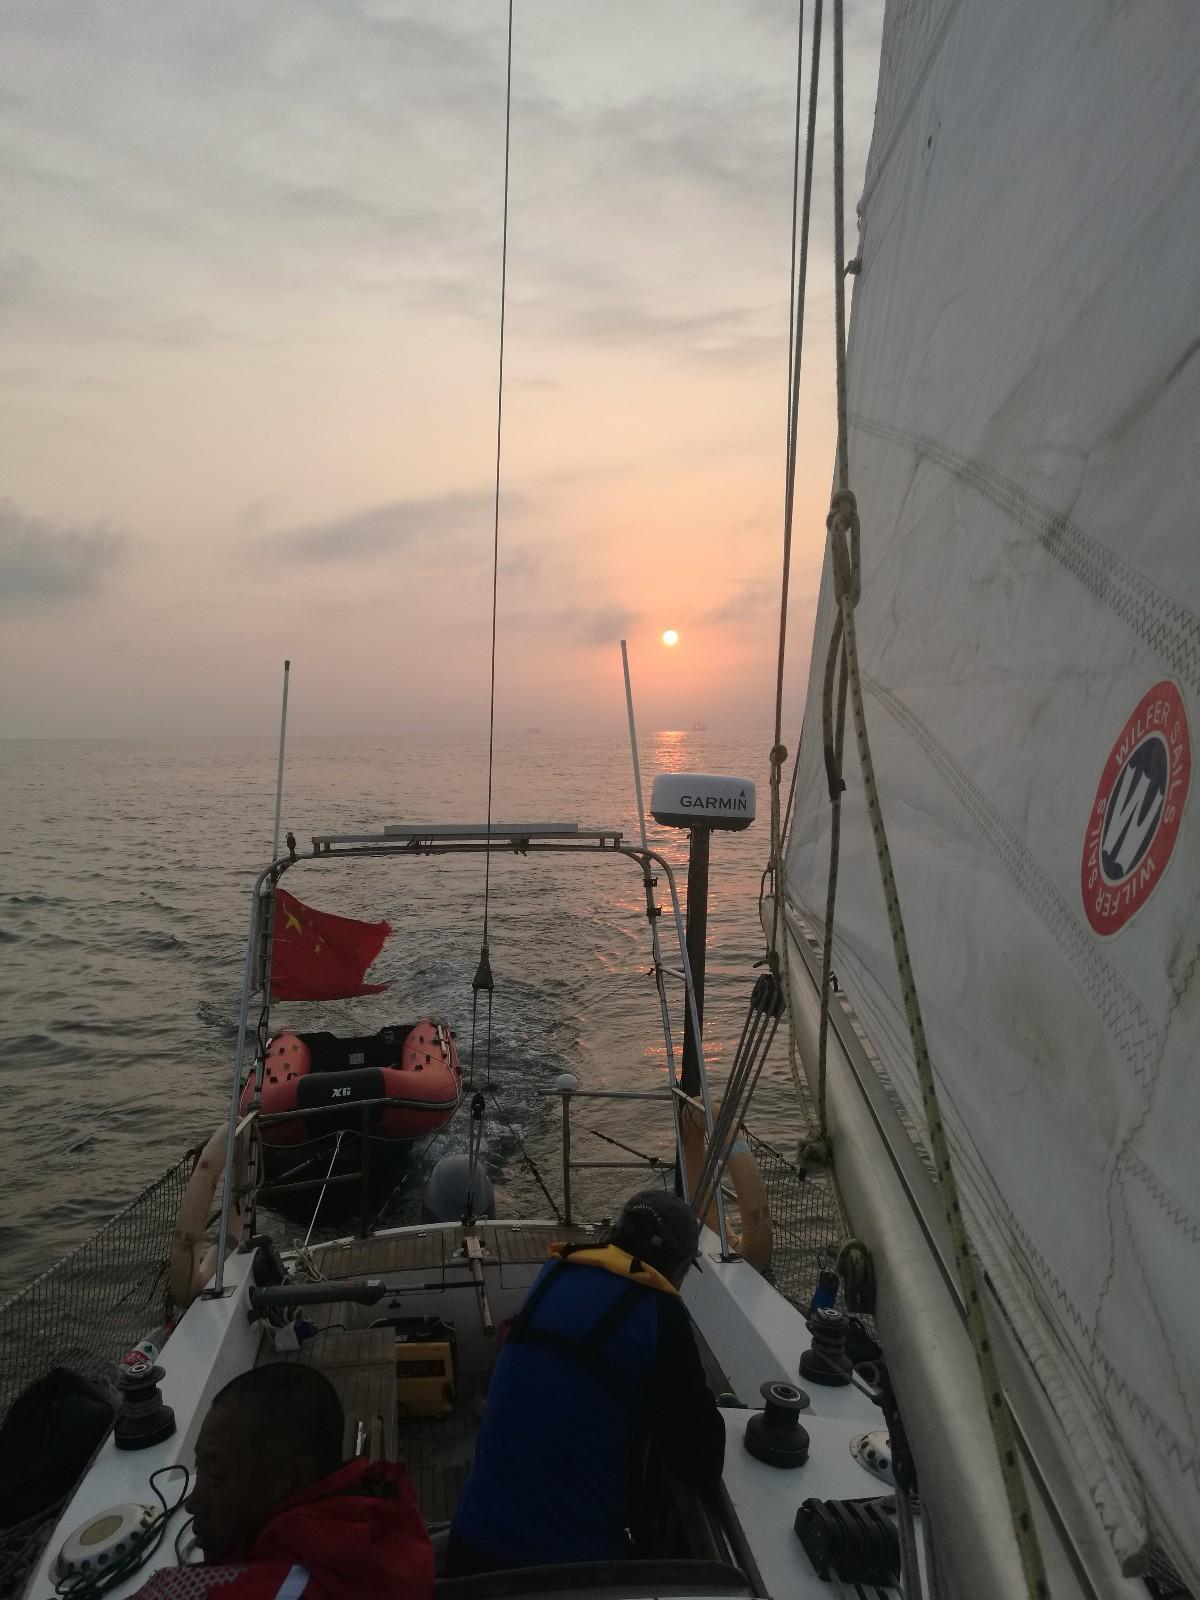 船长,唐山,这里,老刘,大哥 长风破浪会有时,直挂云帆济沧海——唐山号返航记(上篇)  161435xu07m1ll